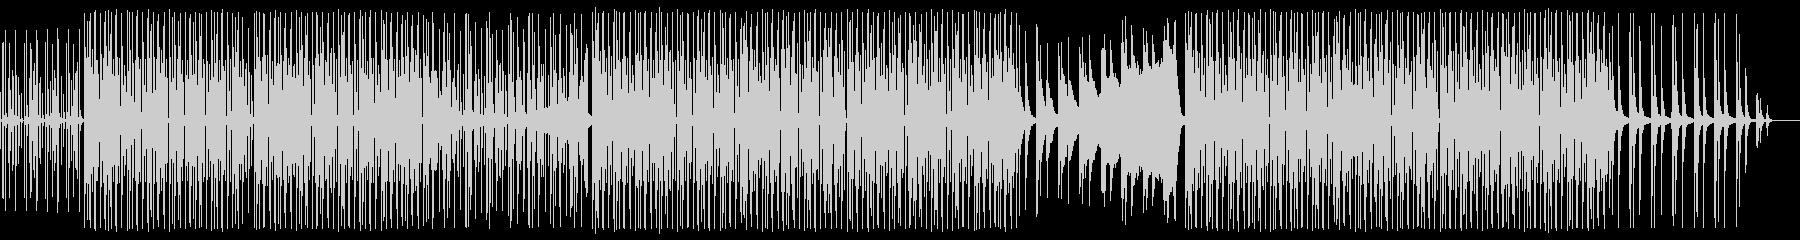 アパレルブランドの映像/ランウェイBGMの未再生の波形